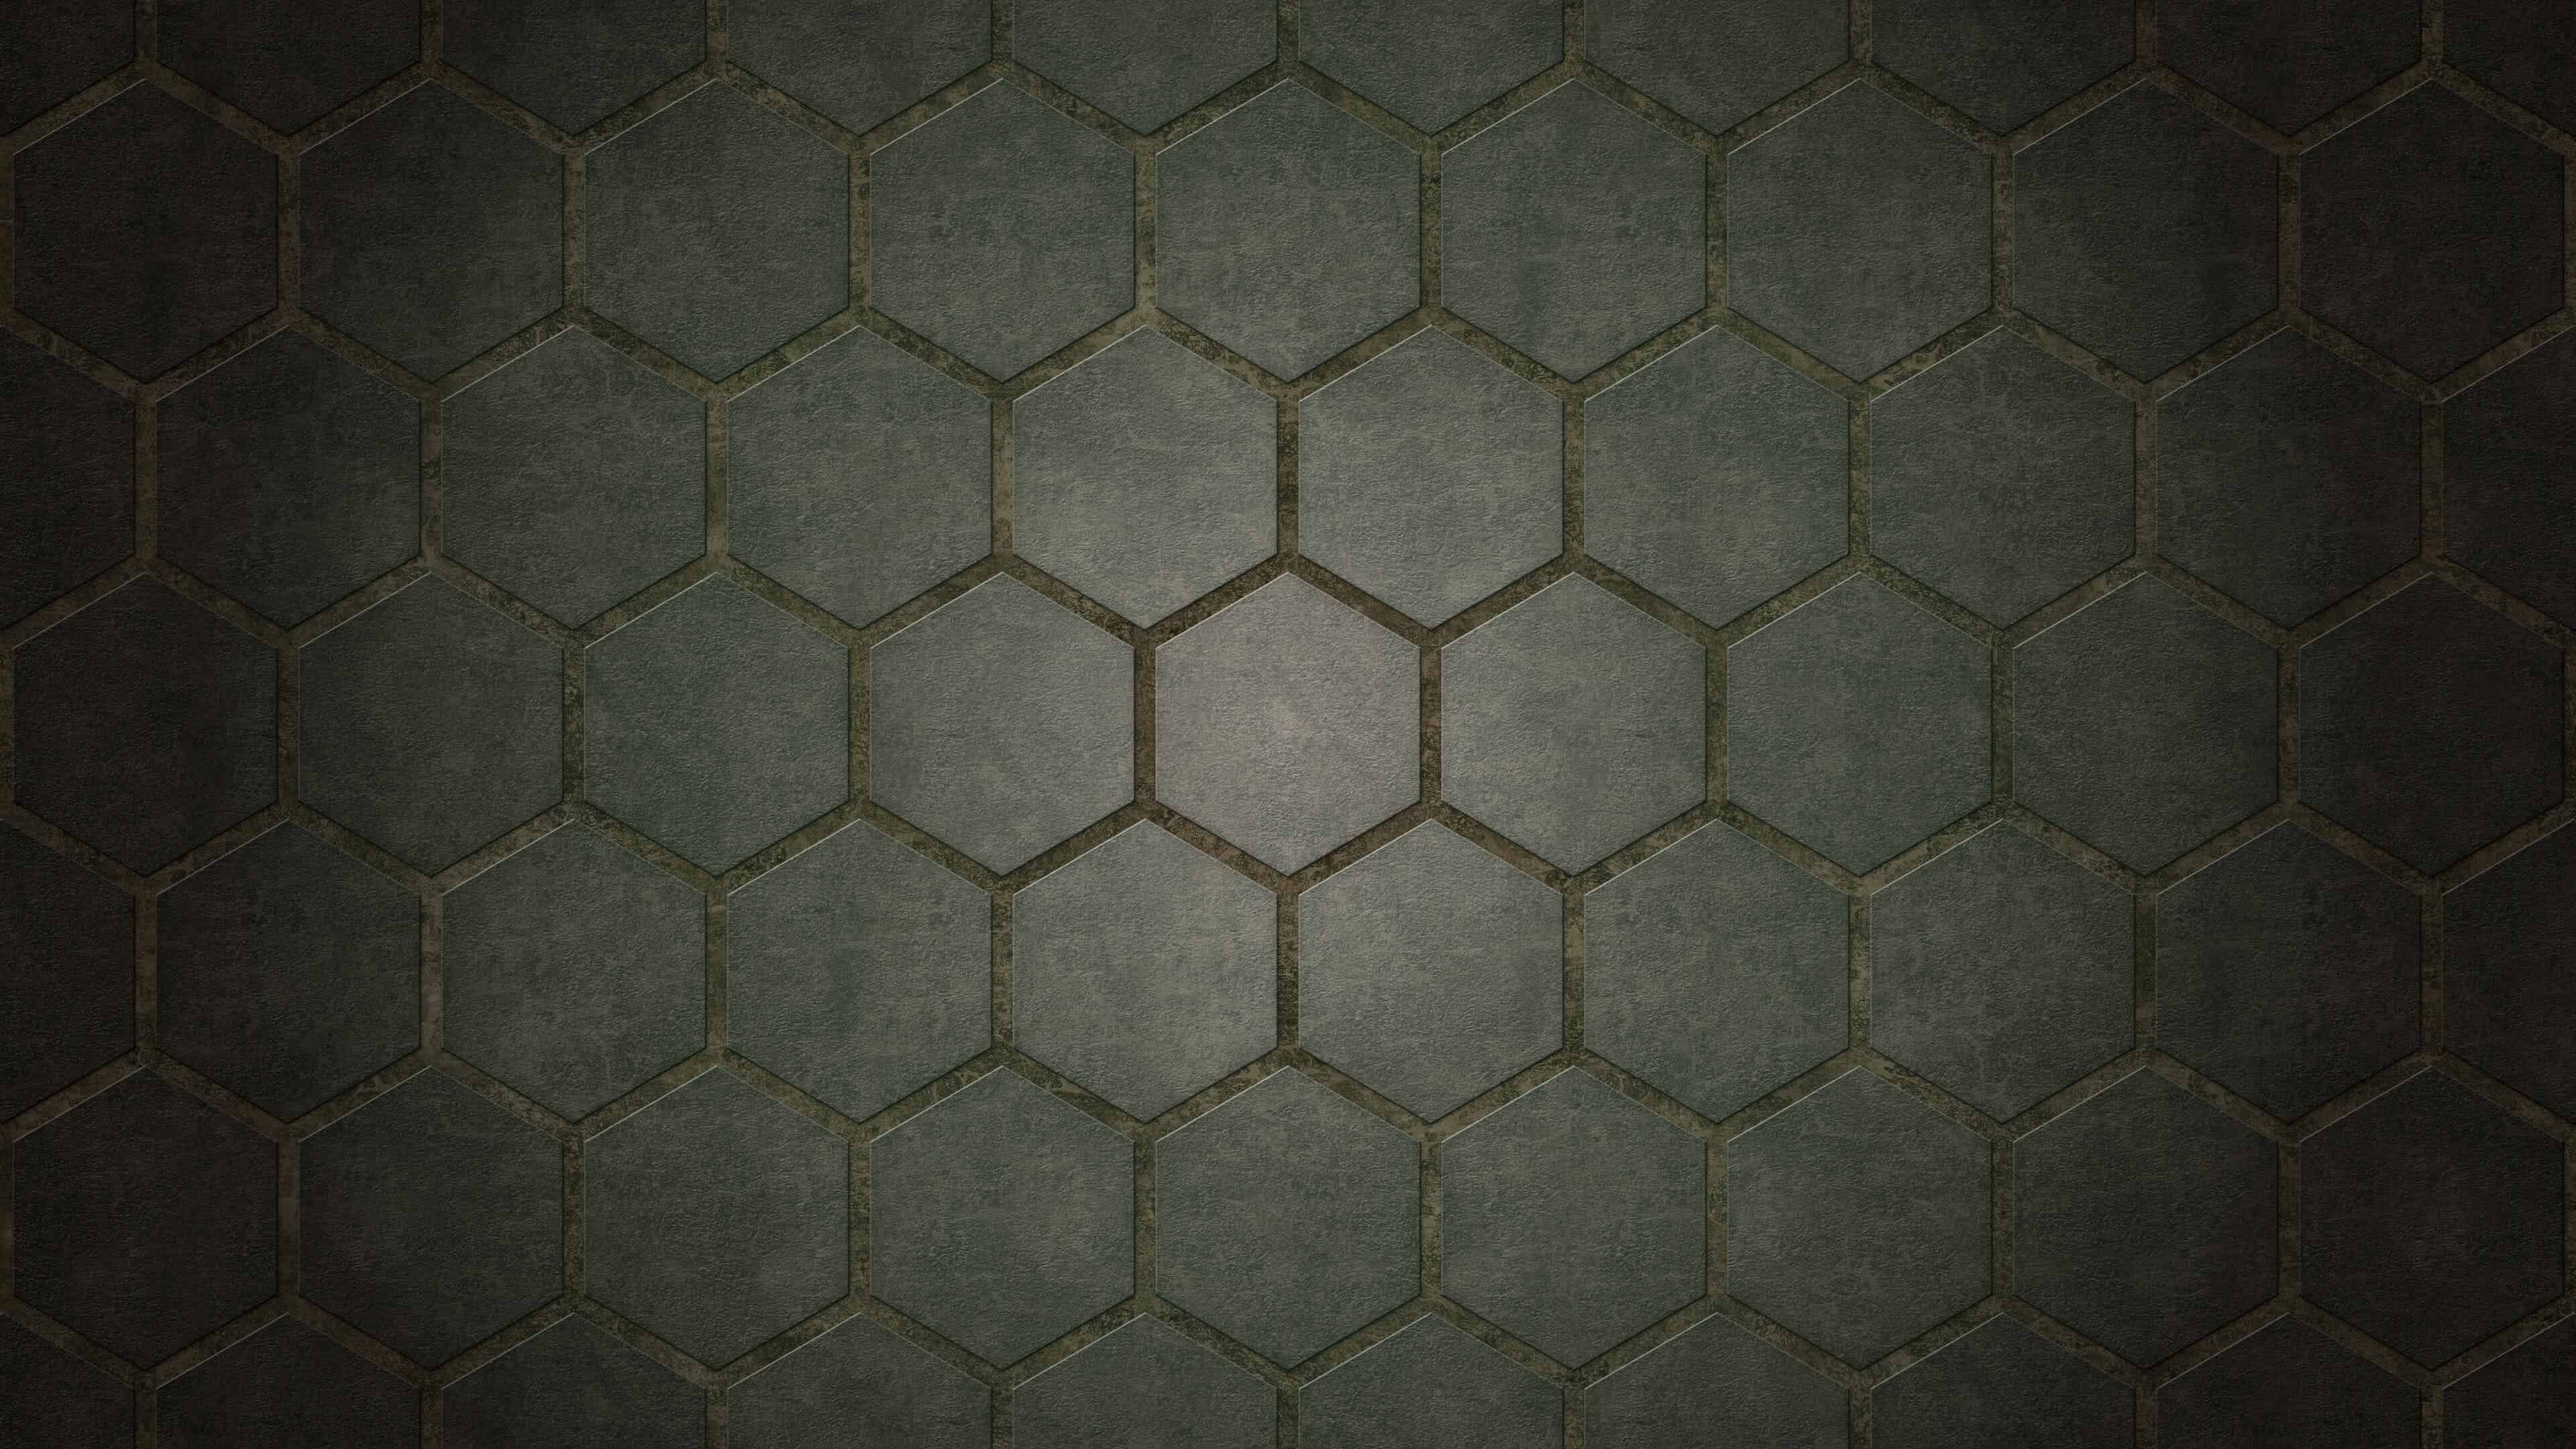 octagon pattern 4k wallpaper